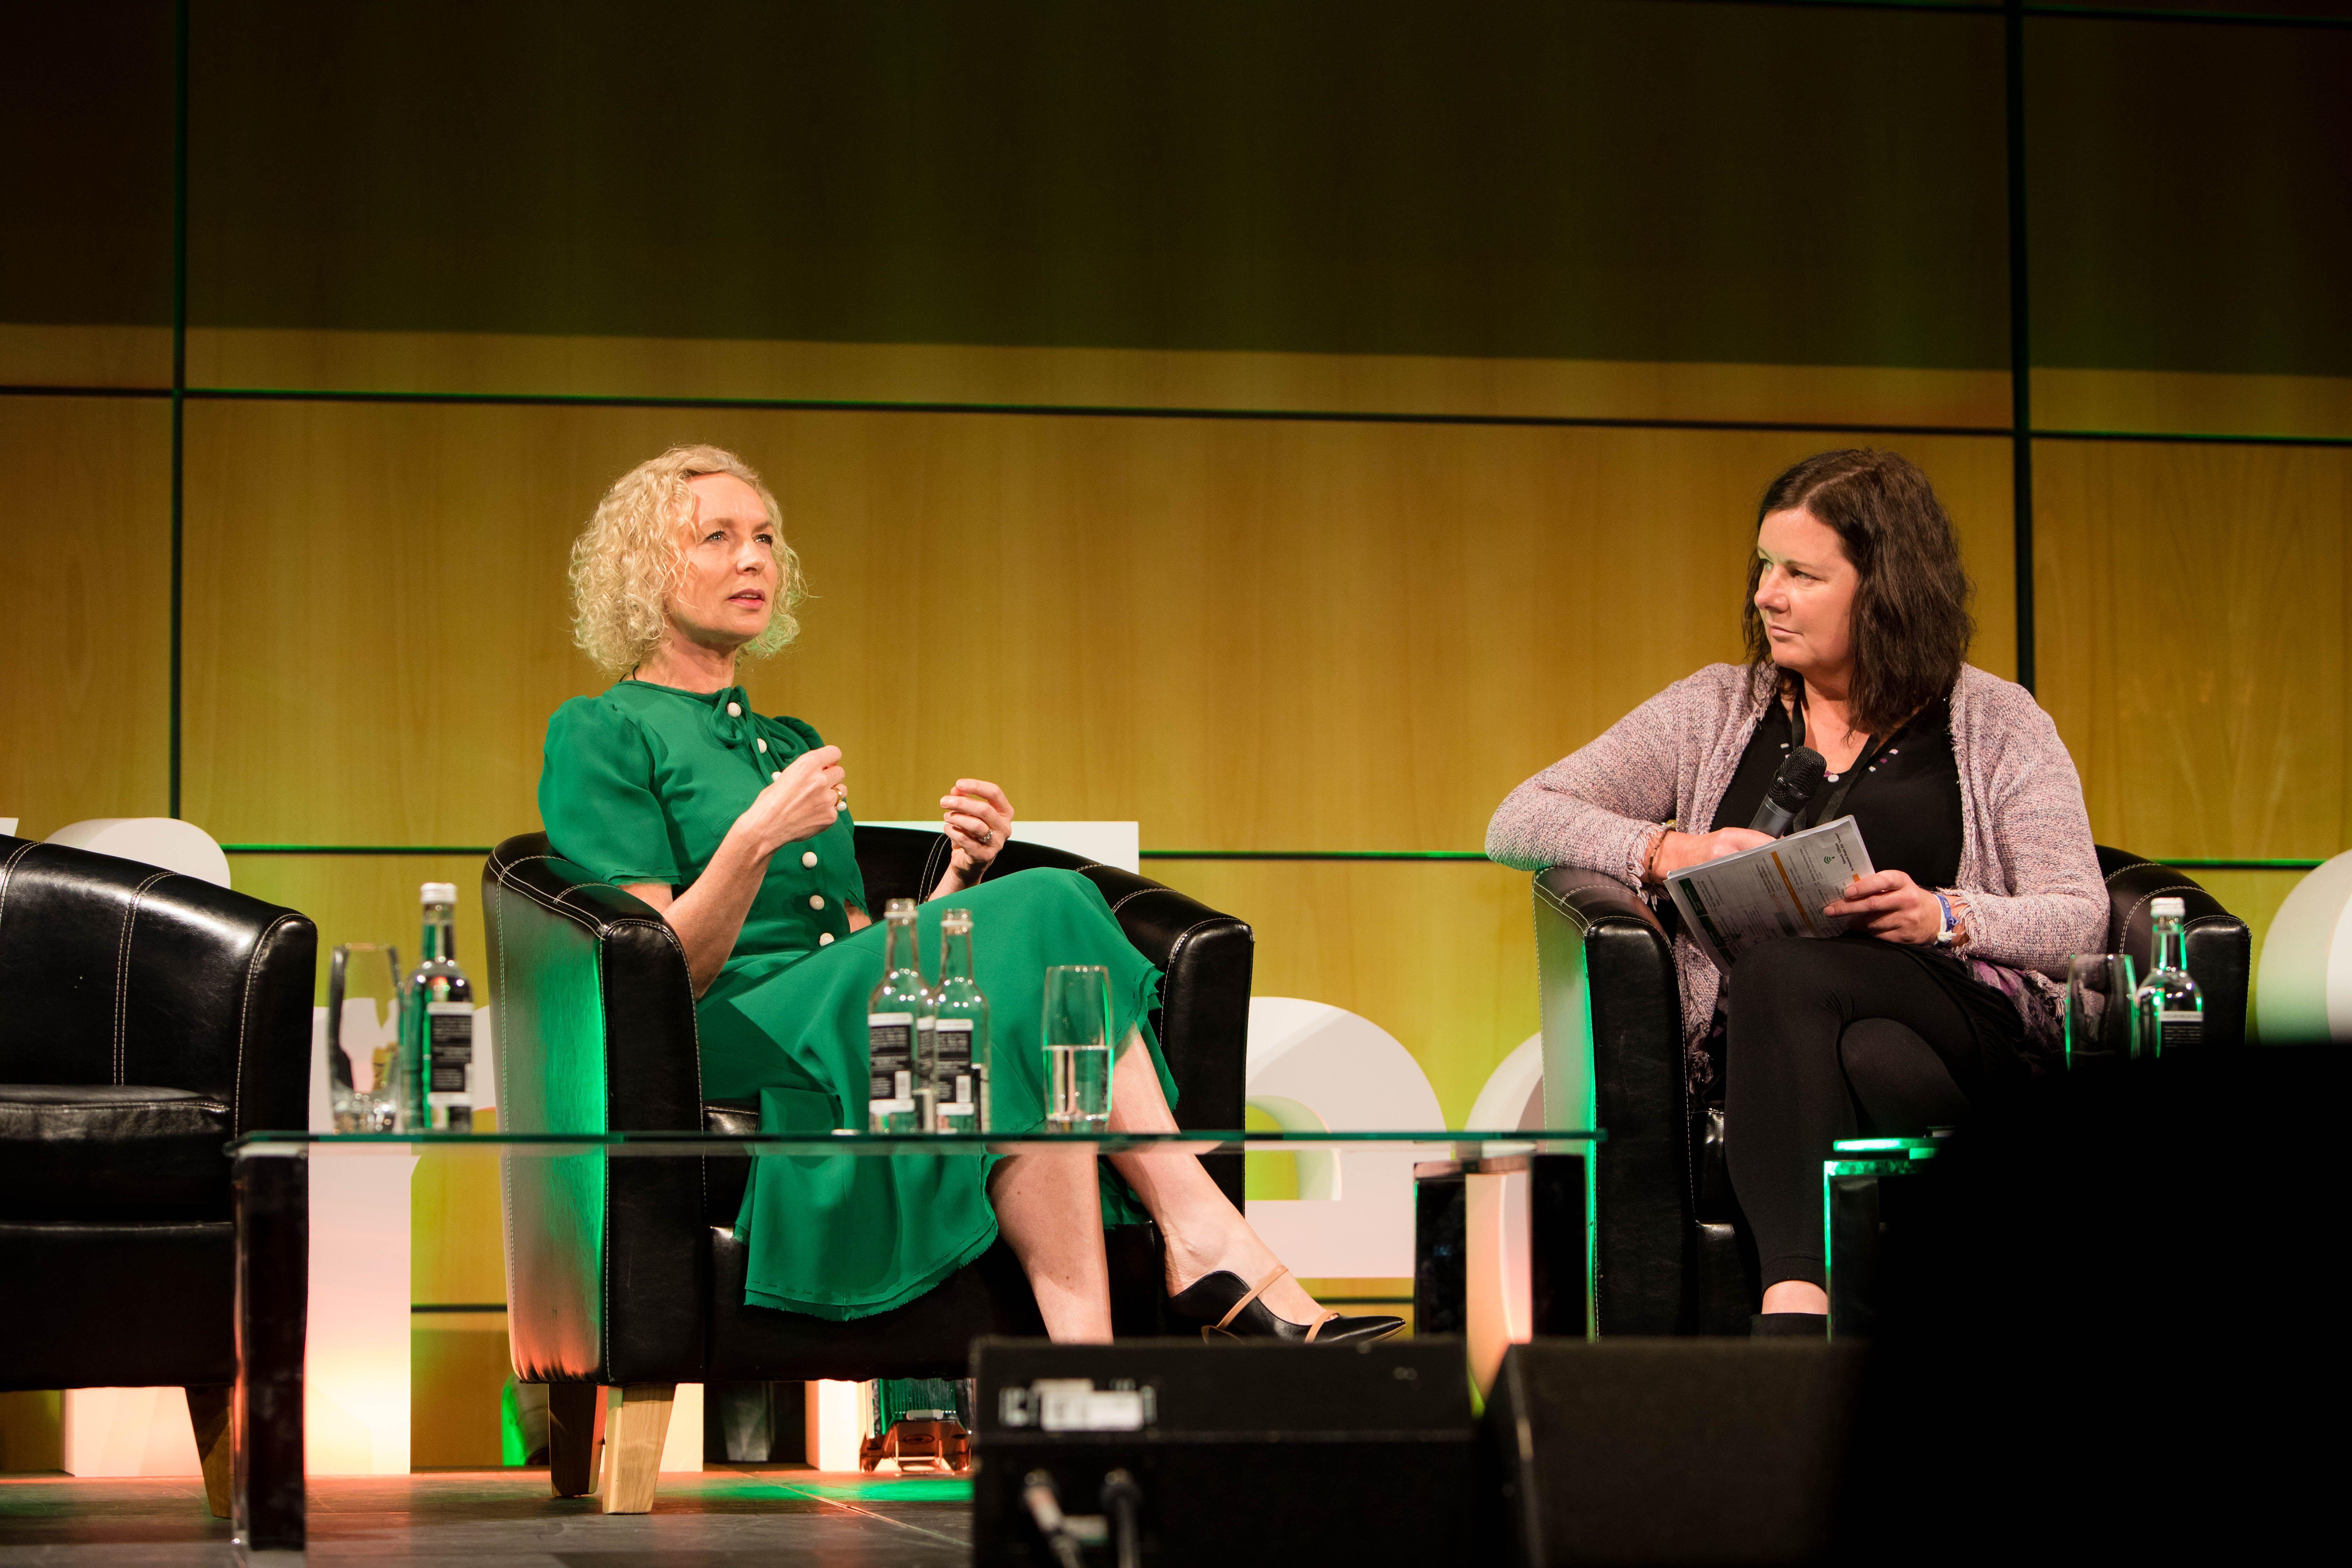 Women in Tech Female Founders